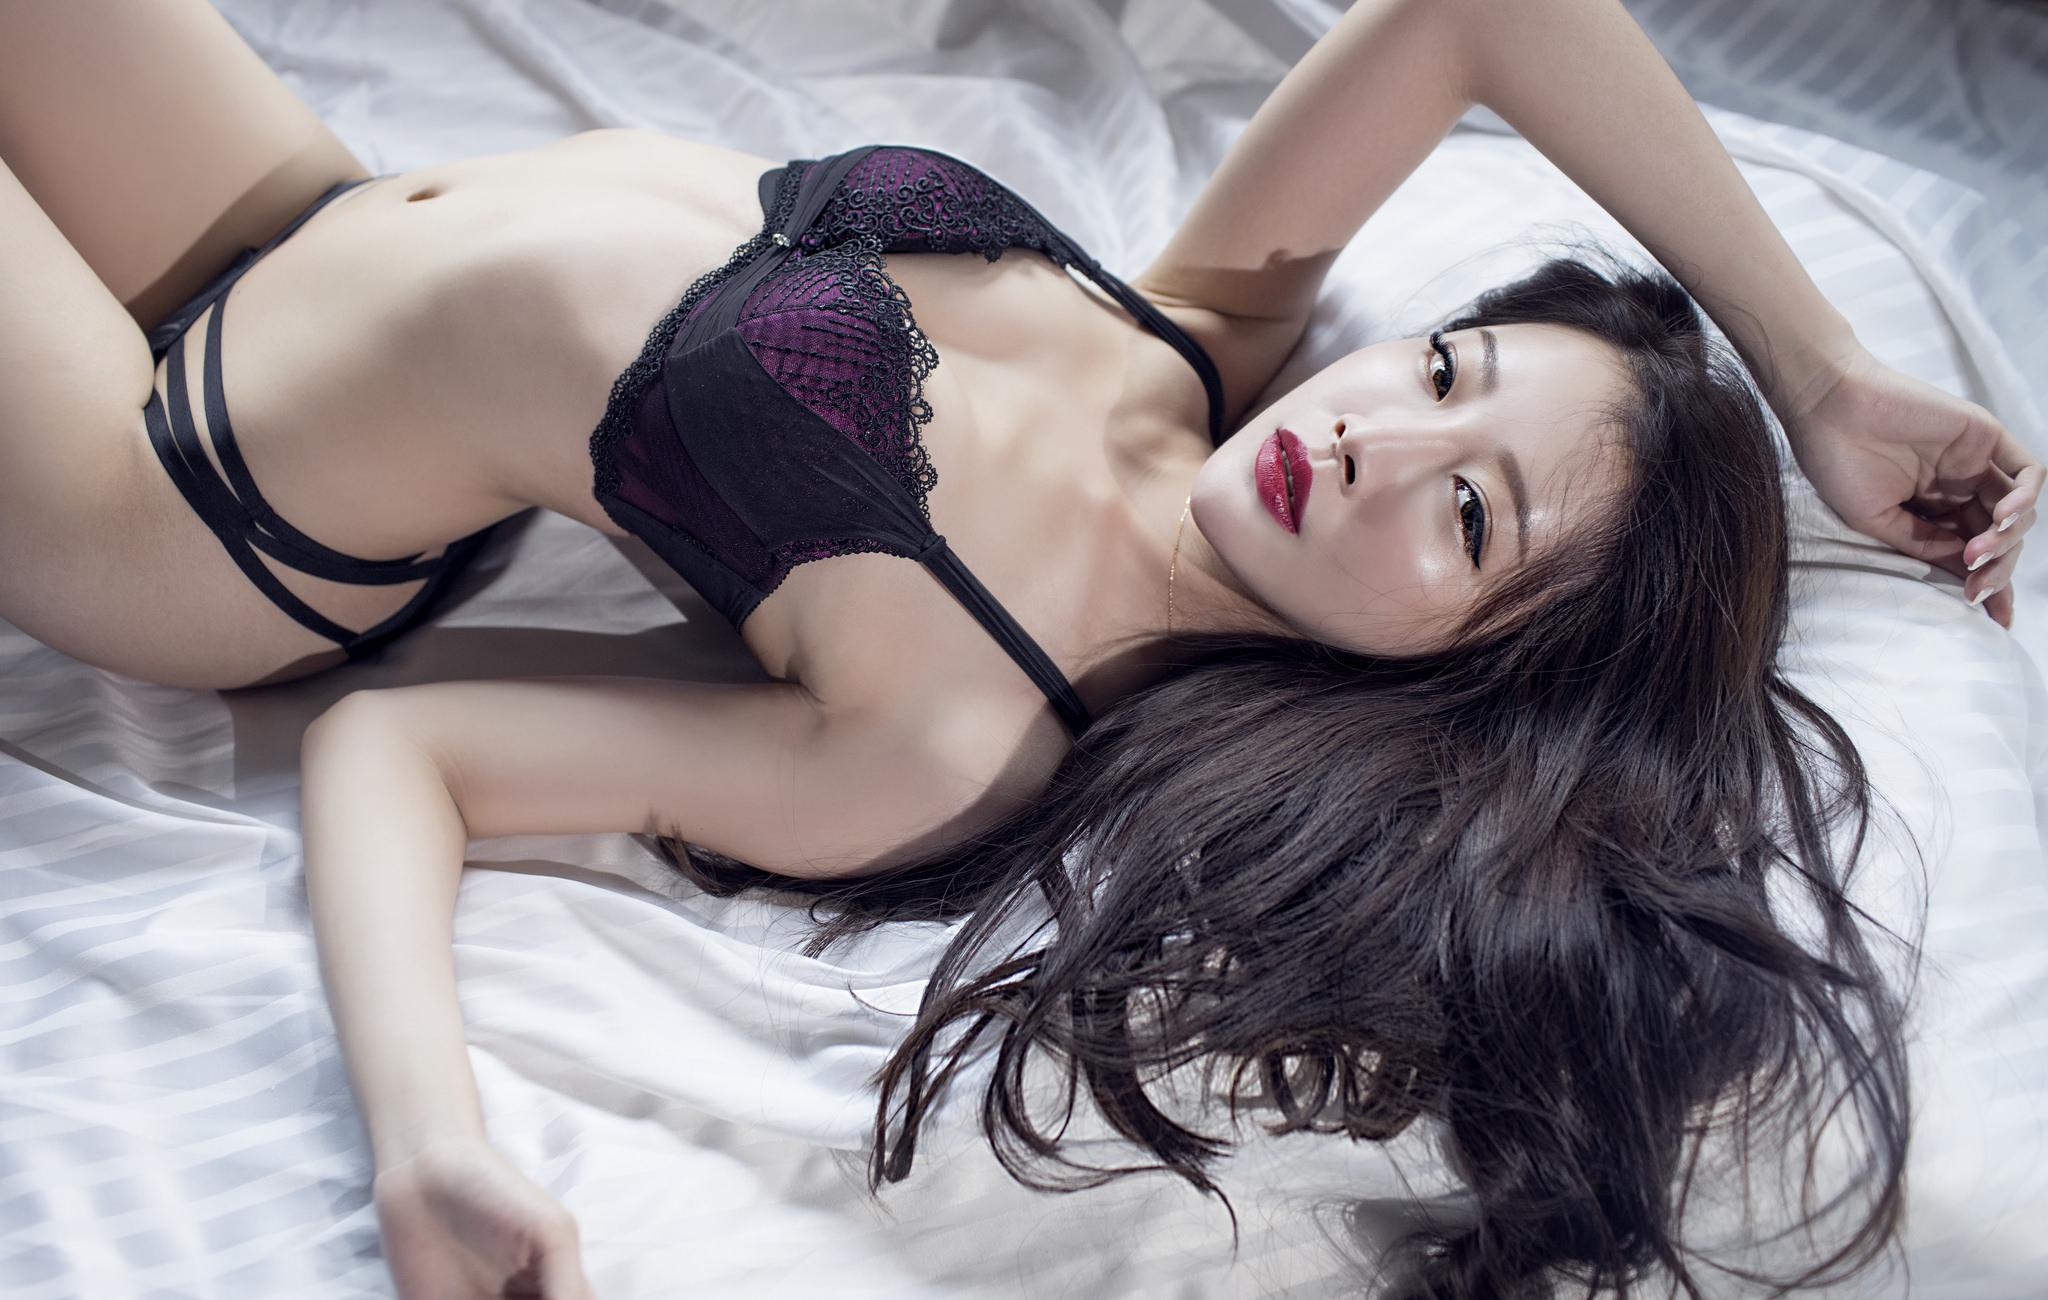 Korean Beauties Girl Nude